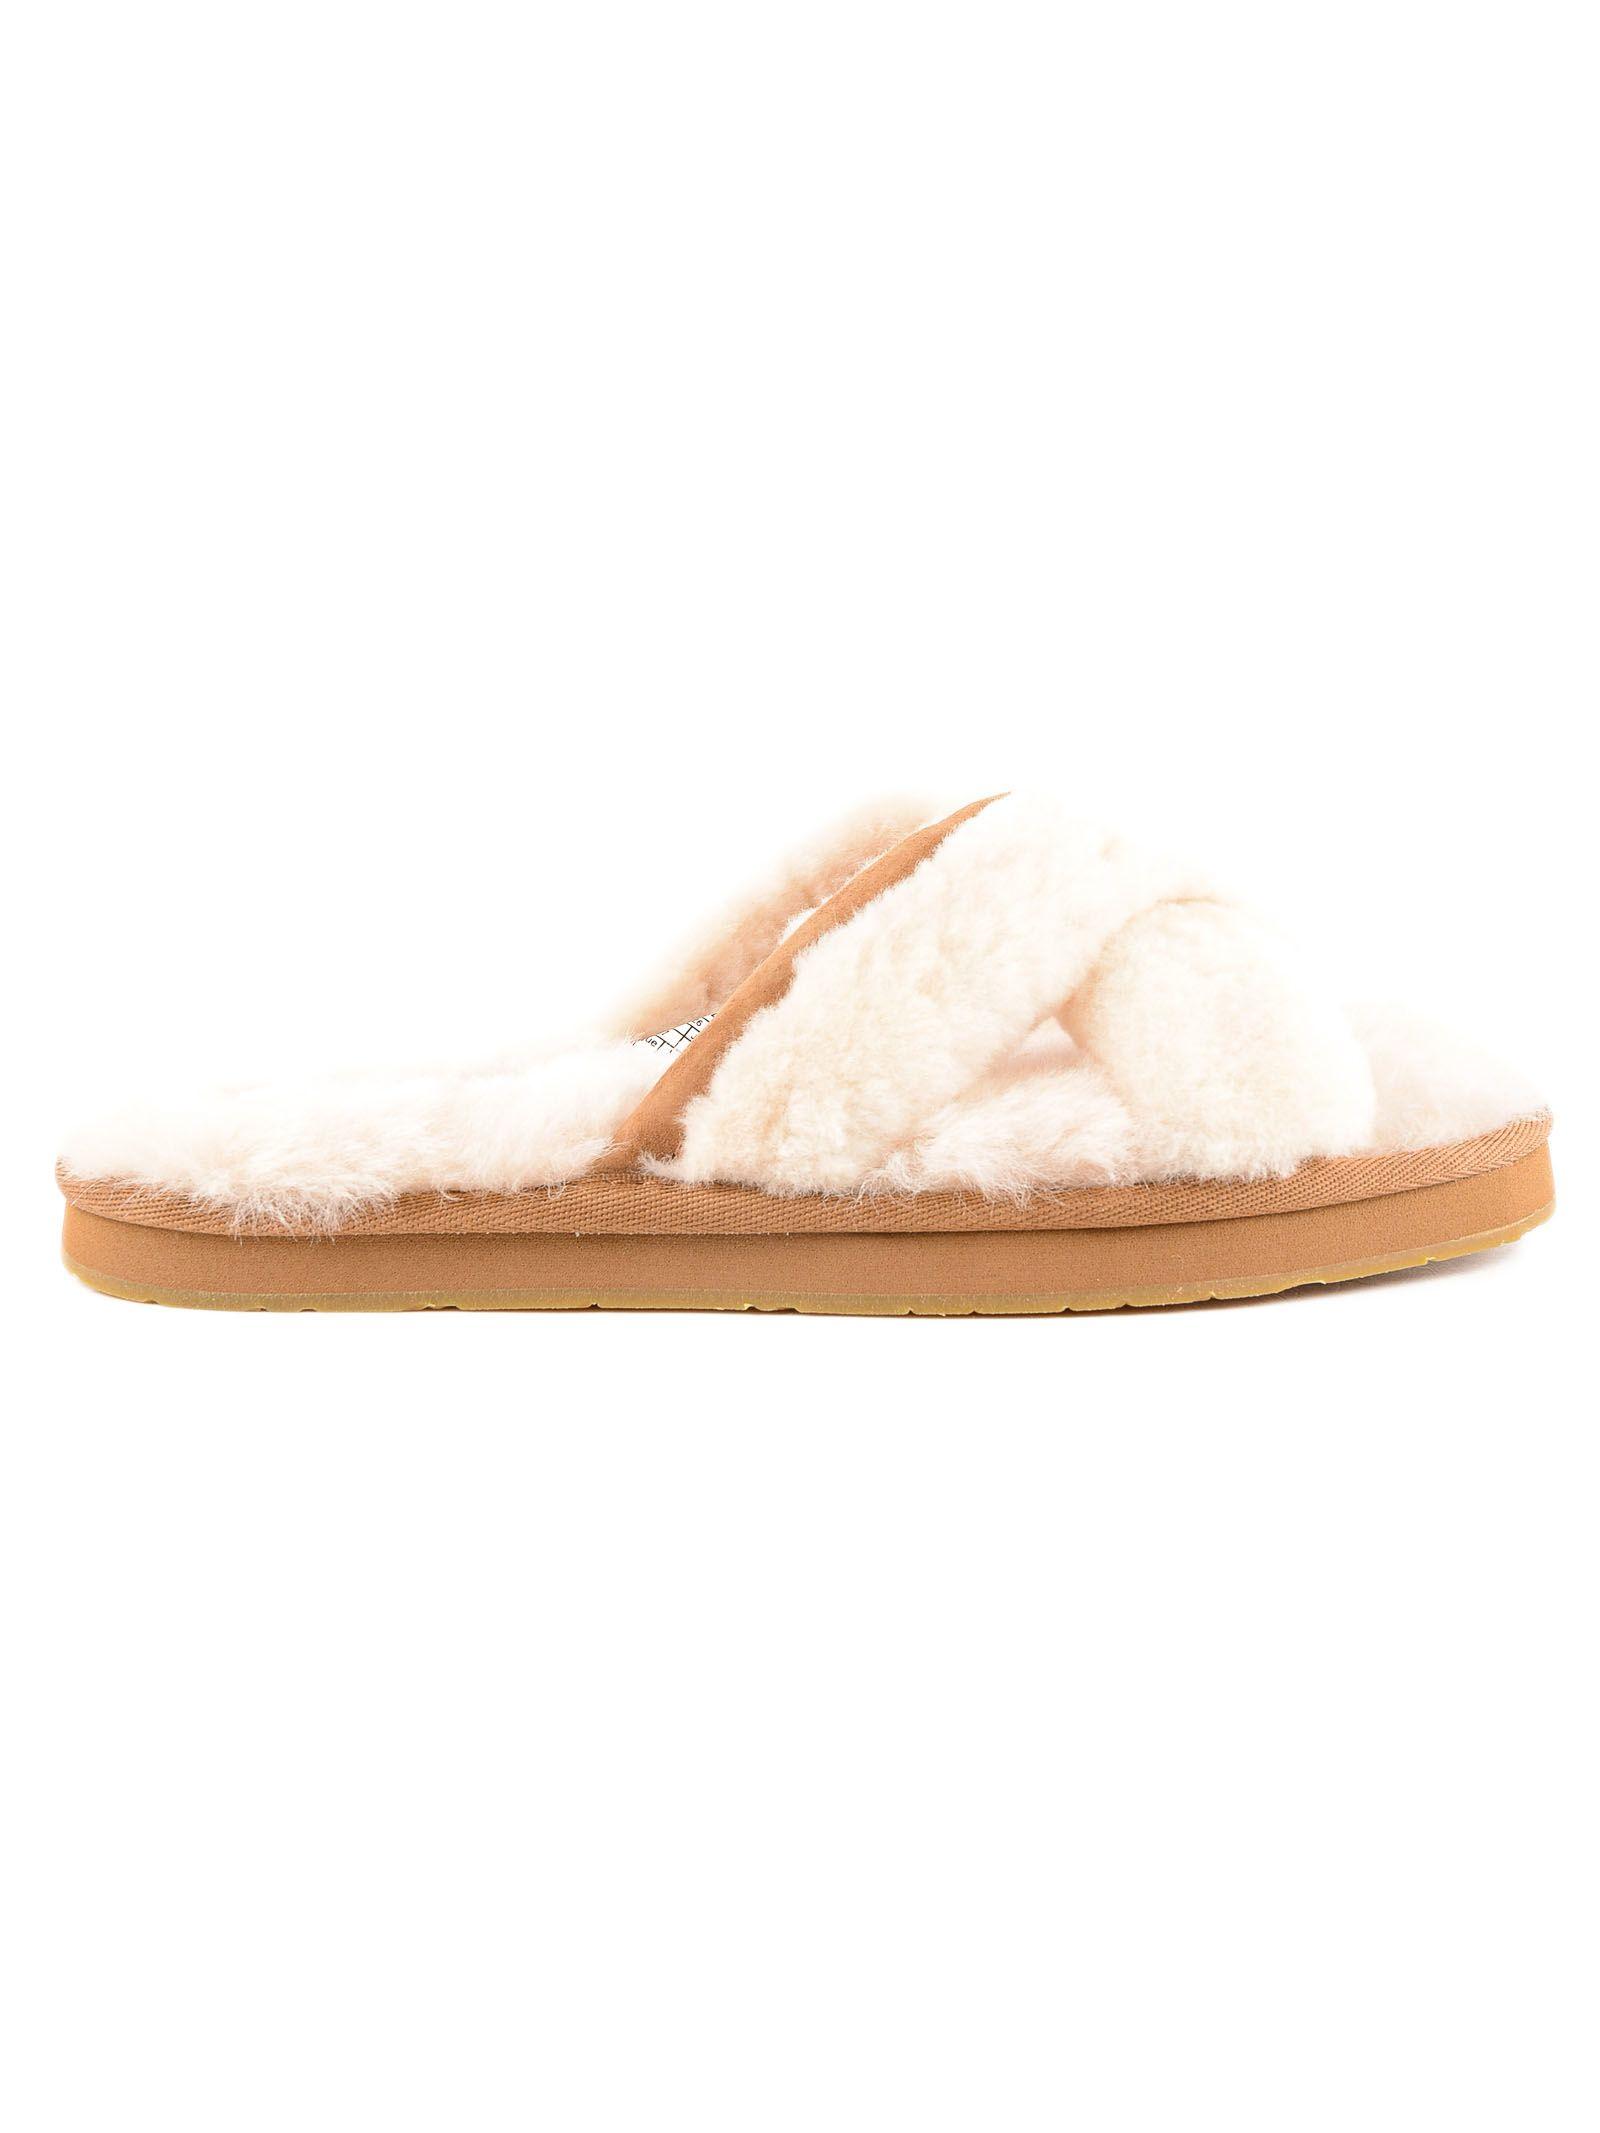 Ugg Fur Flip Flops